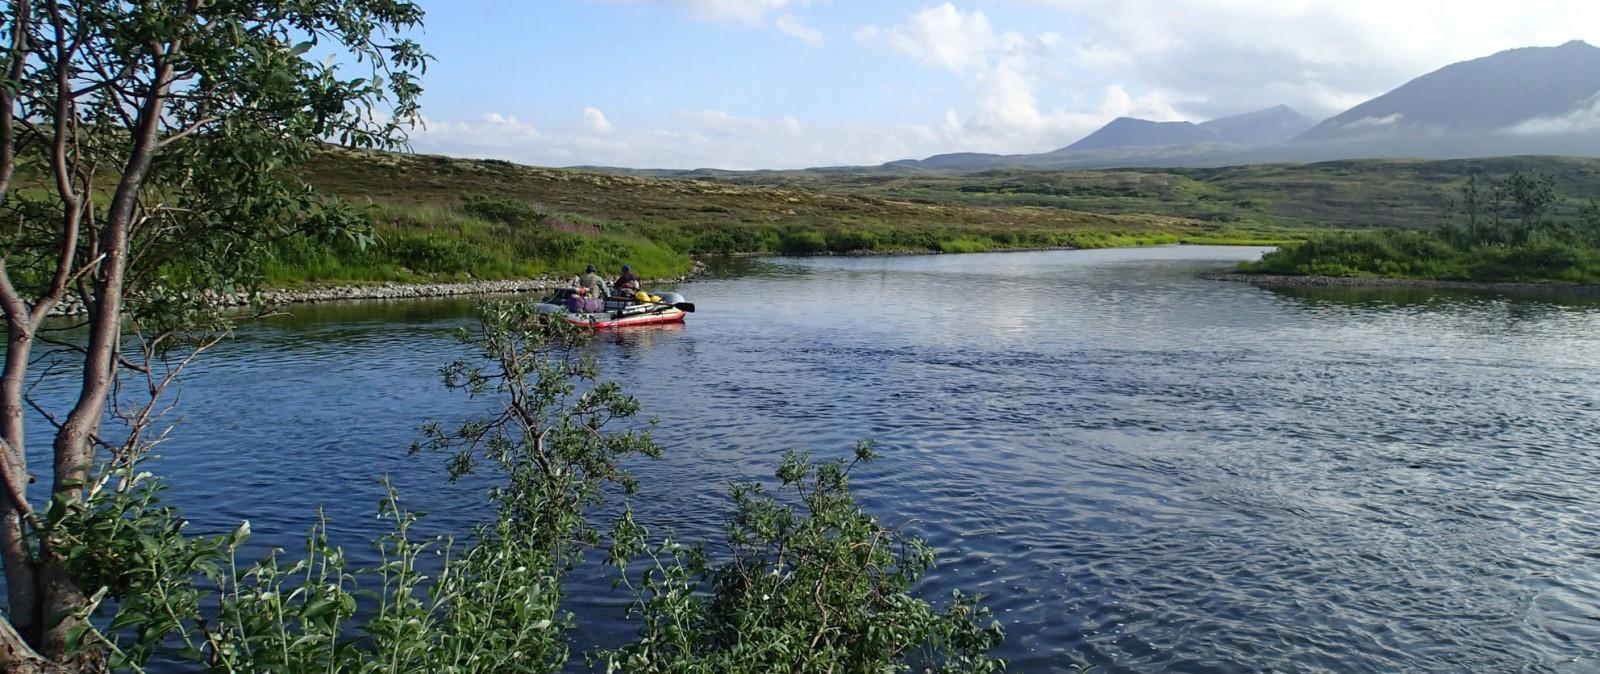 Fishing trips sheefish my alaskan fishing trip for Alaska fishing trip